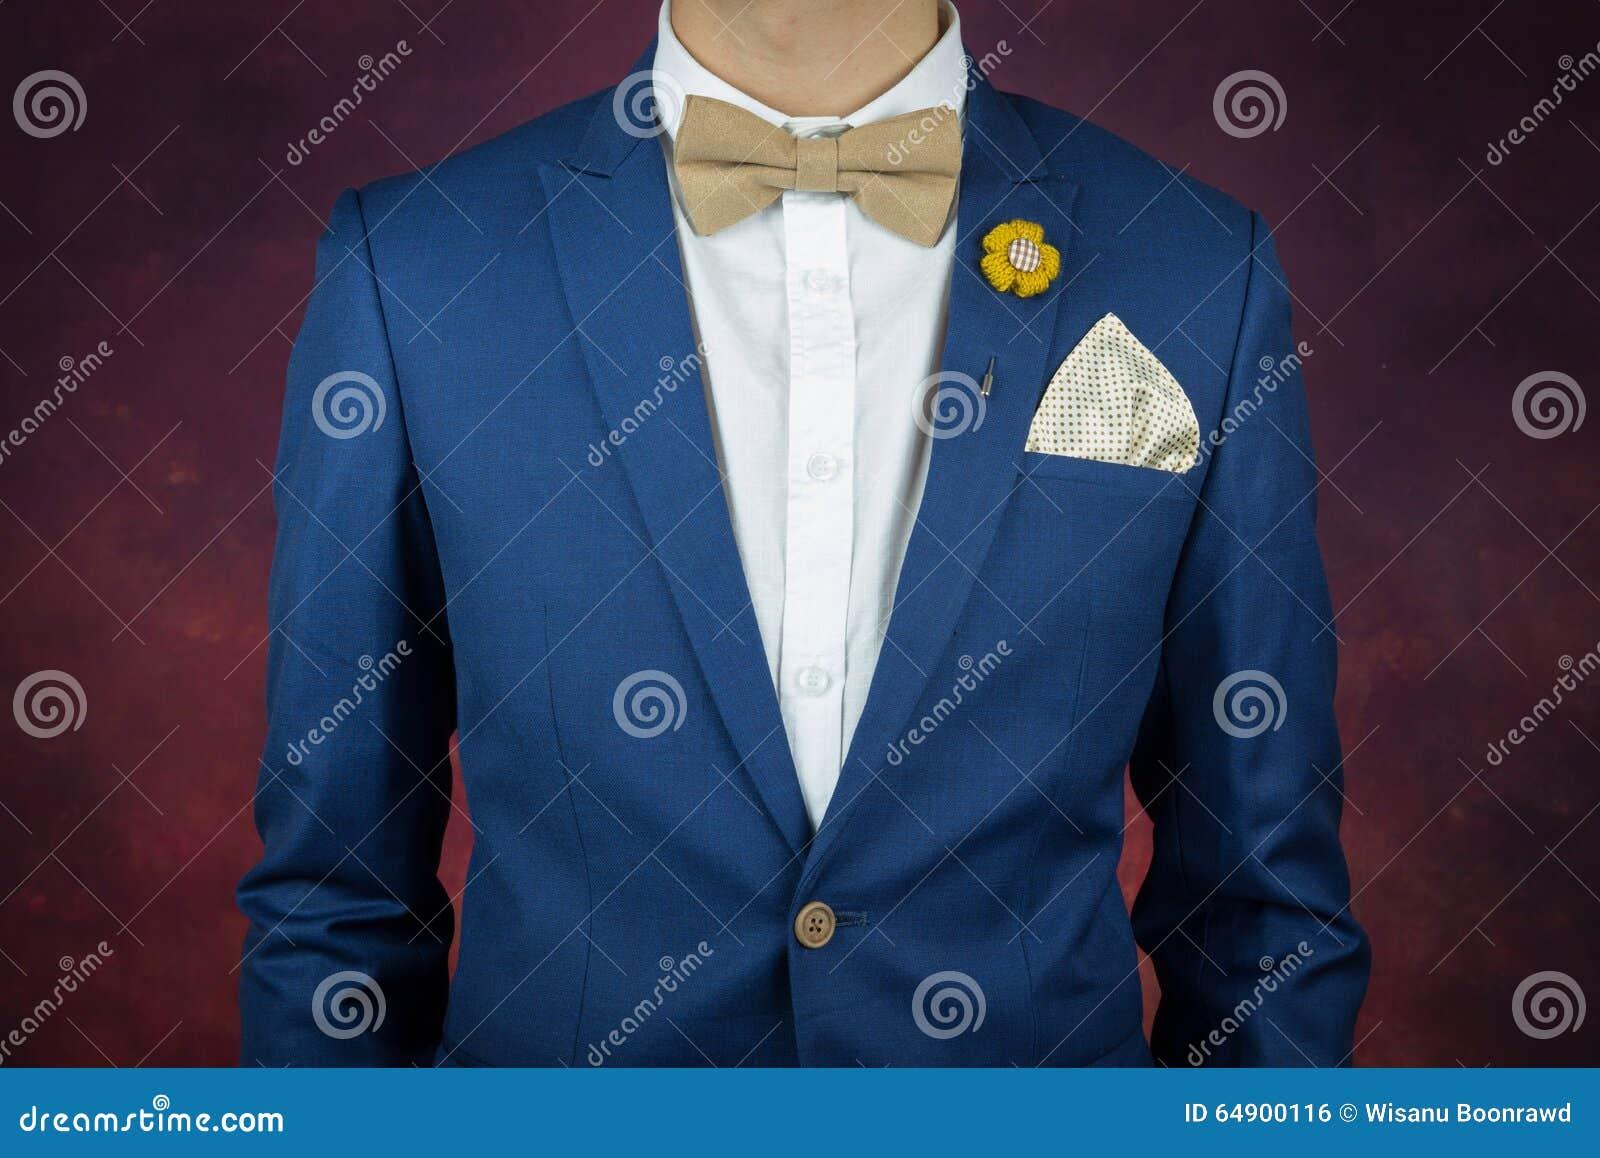 in vendita 0e659 741f8 Uomo In Cravatta A Farfalla Blu Del Vestito, Fibula, Fazzoletto ...